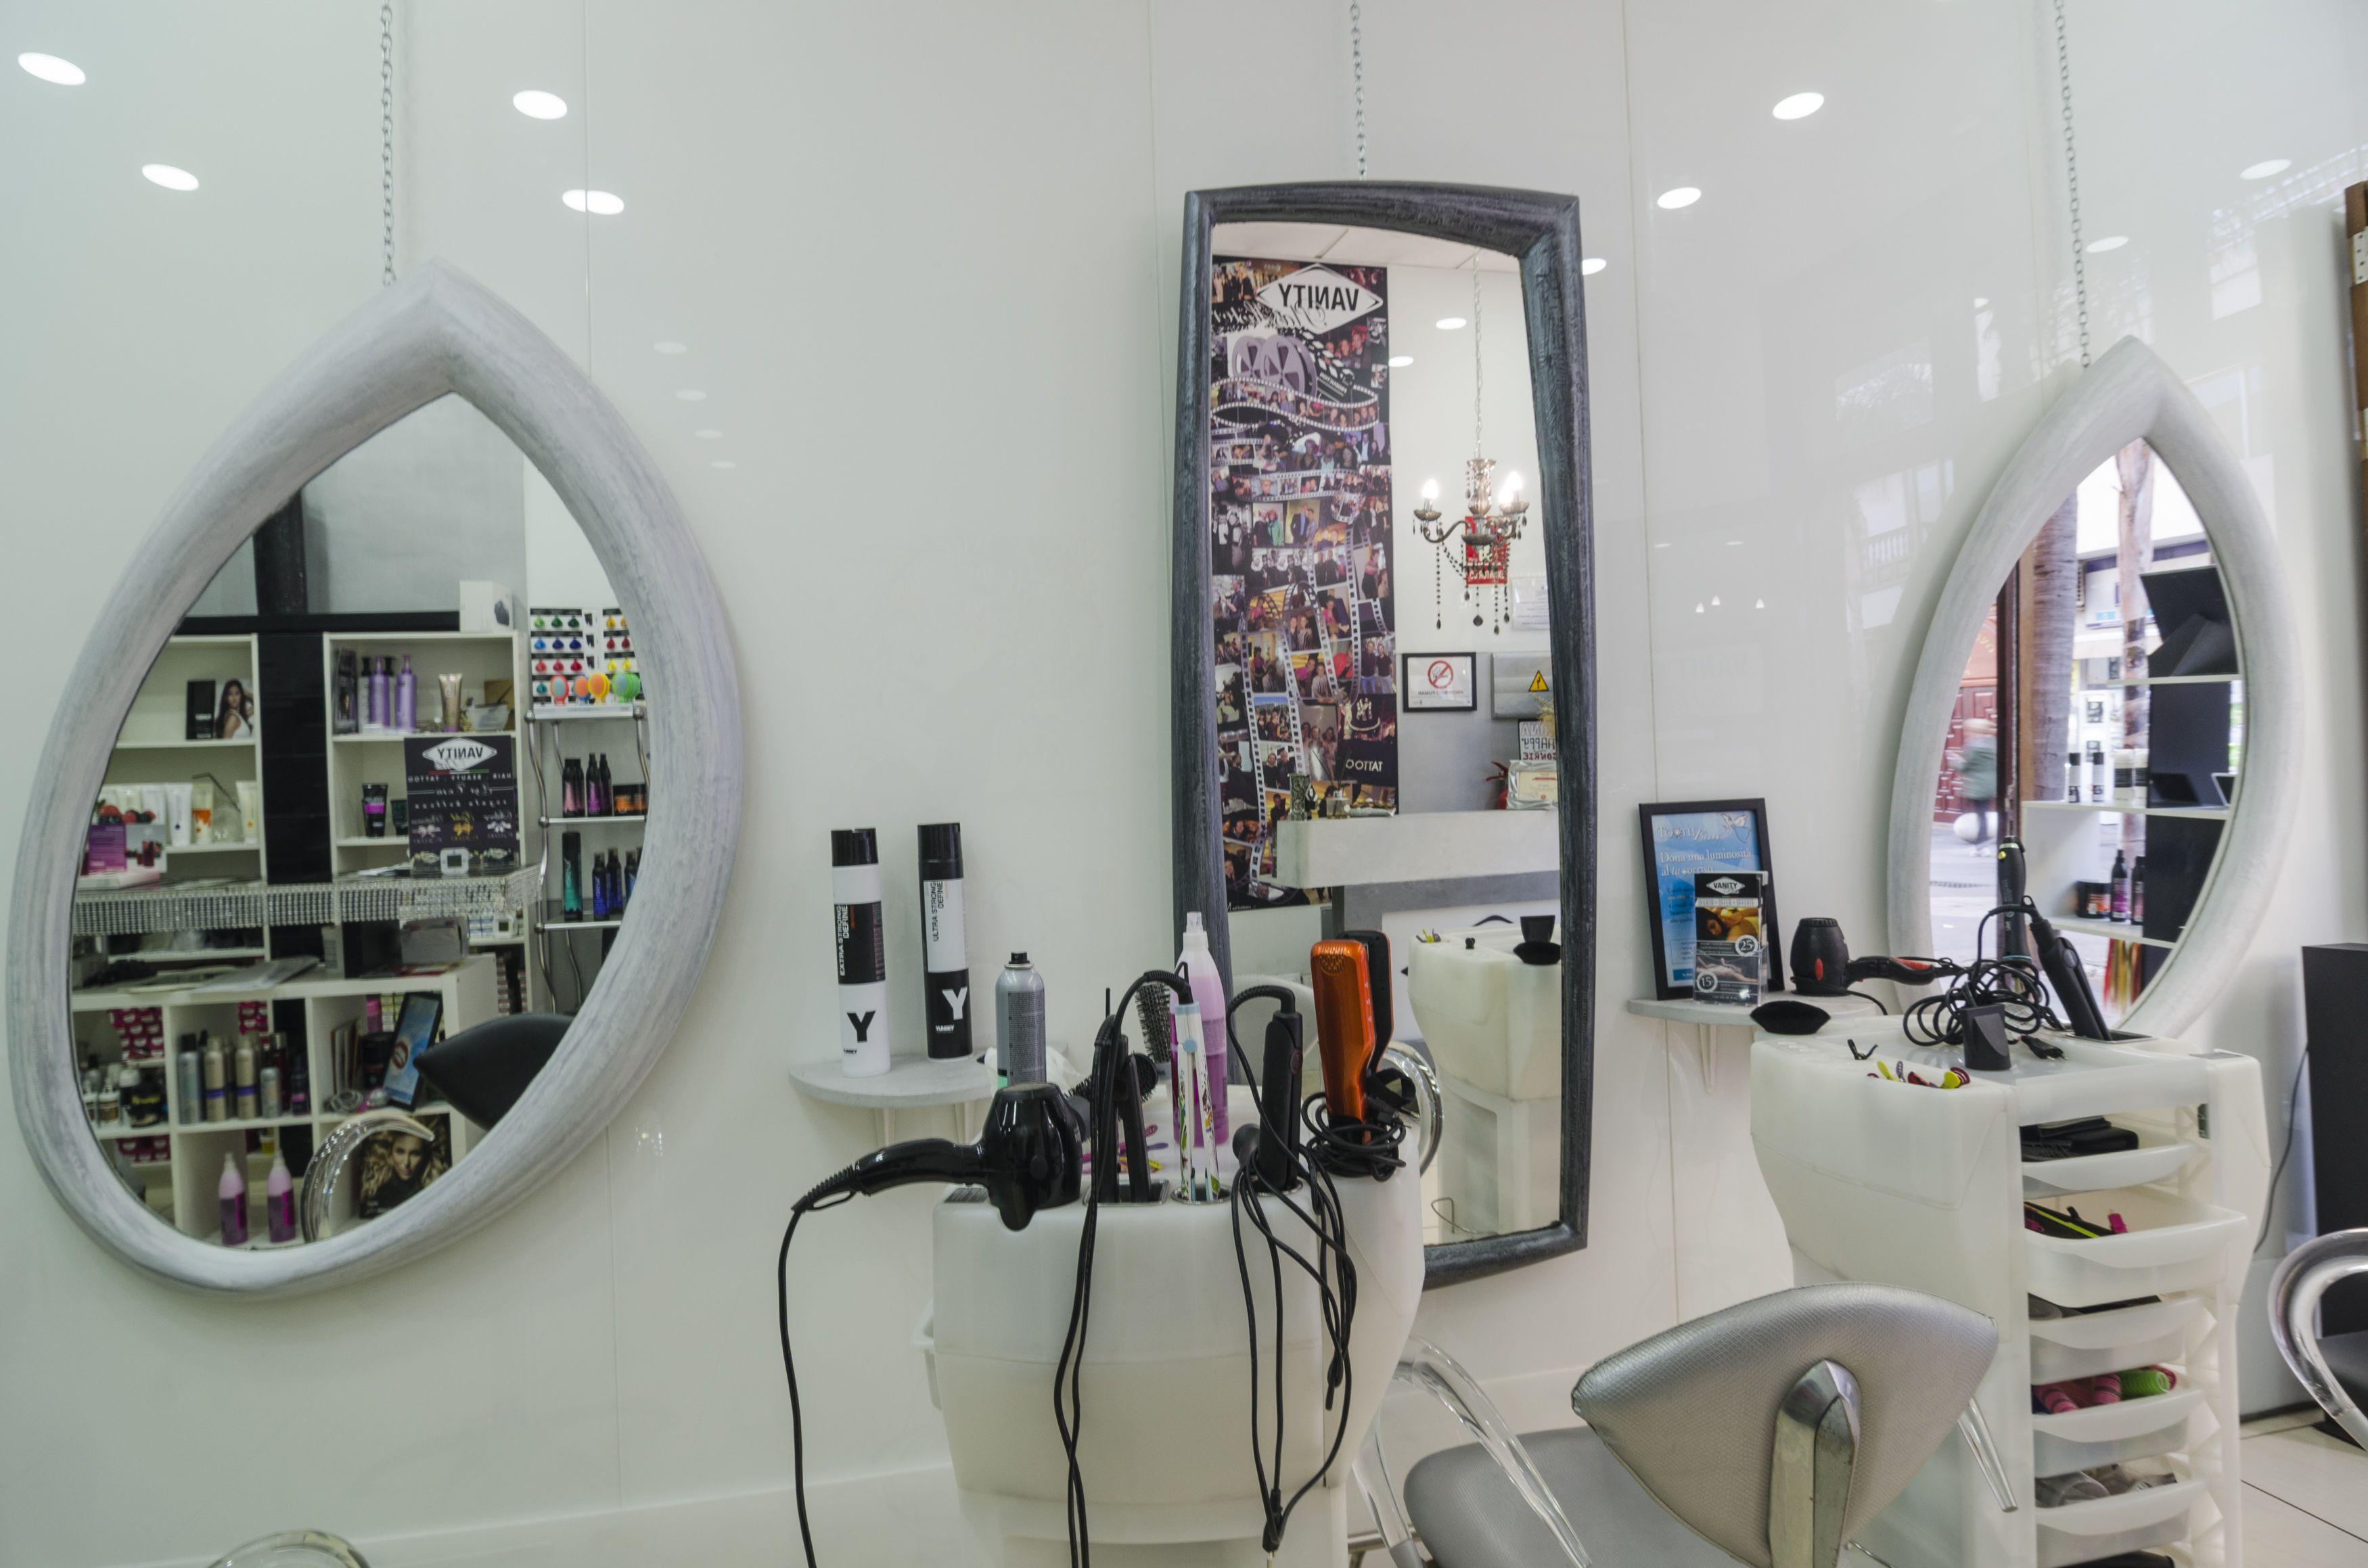 Curso básico de peluquería nivel 1 en Tenerife